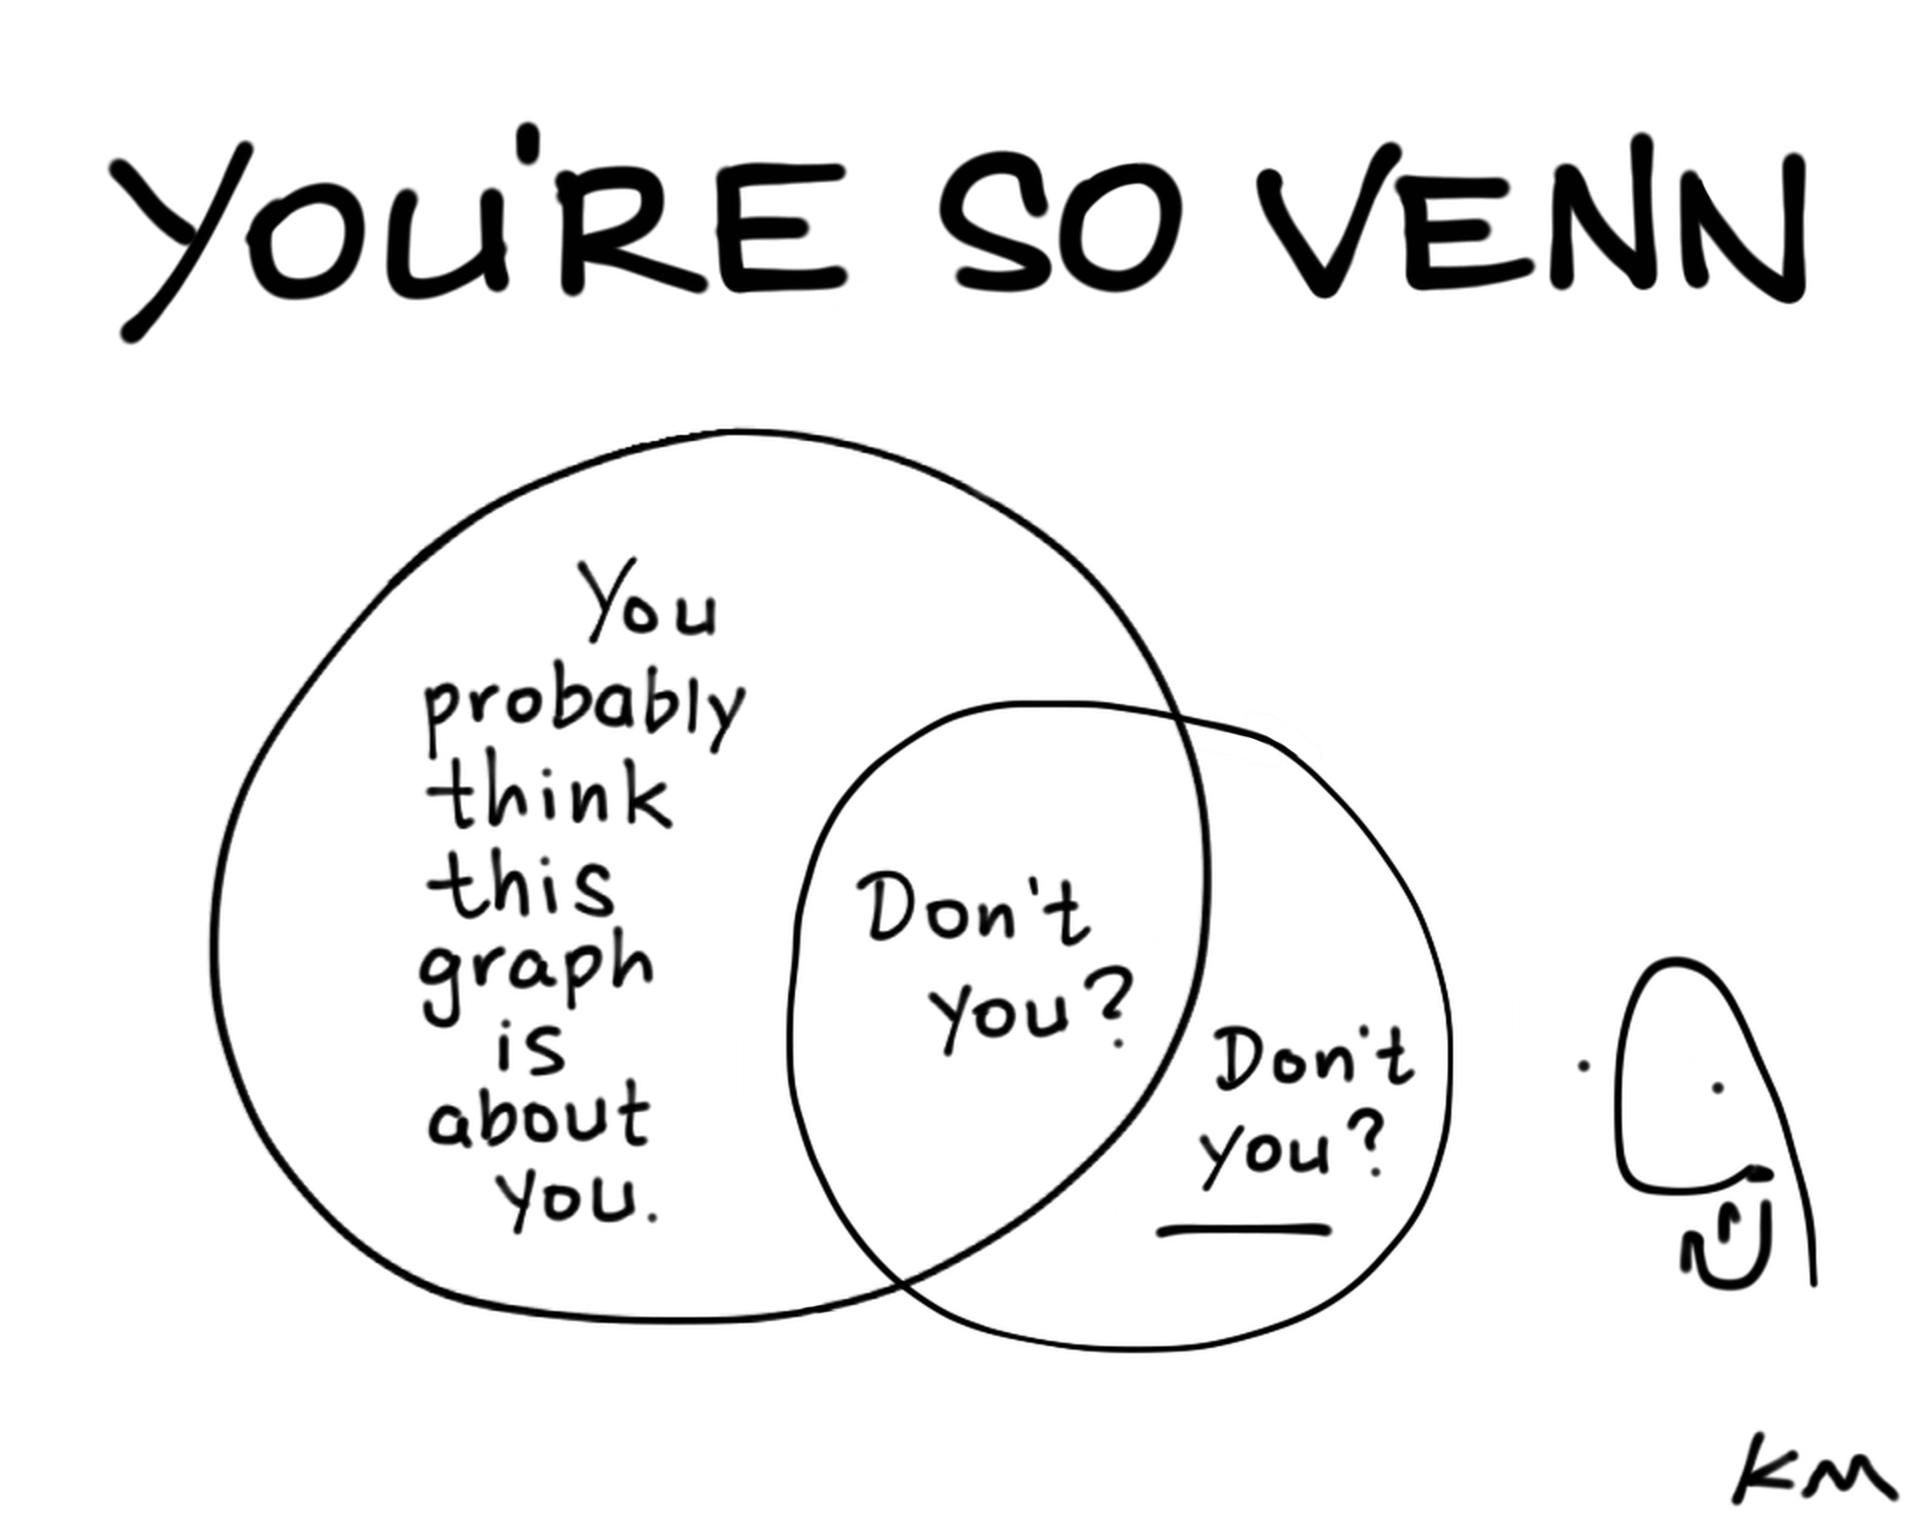 You Re So Venn C Ken Molnar Doodle On Ipad